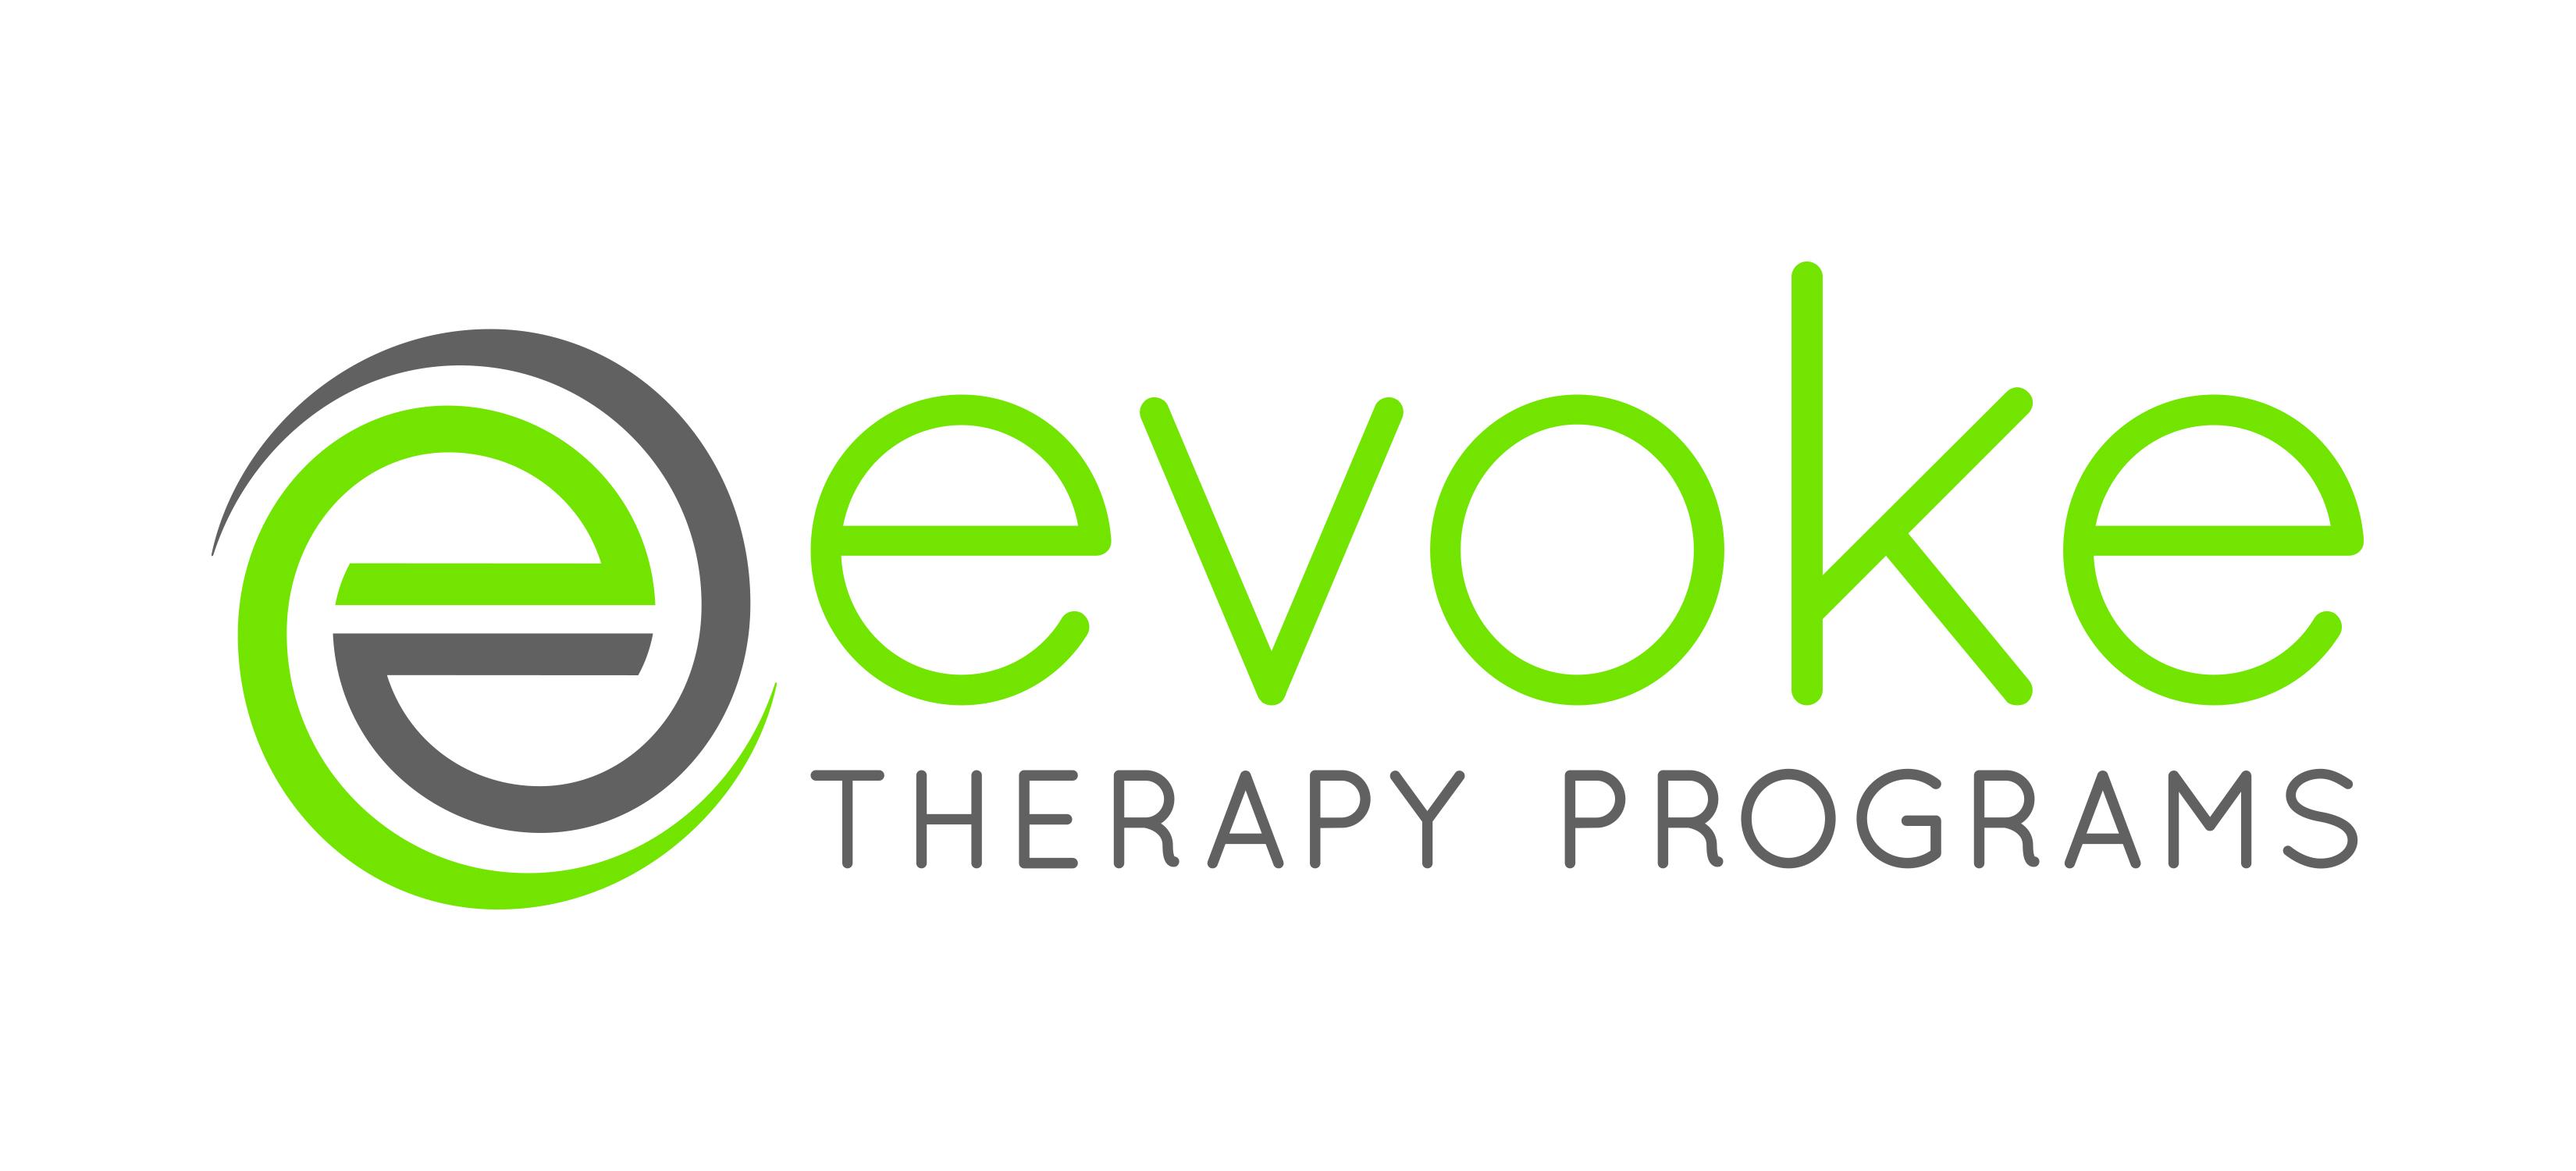 Evoke Therapy Programs logo